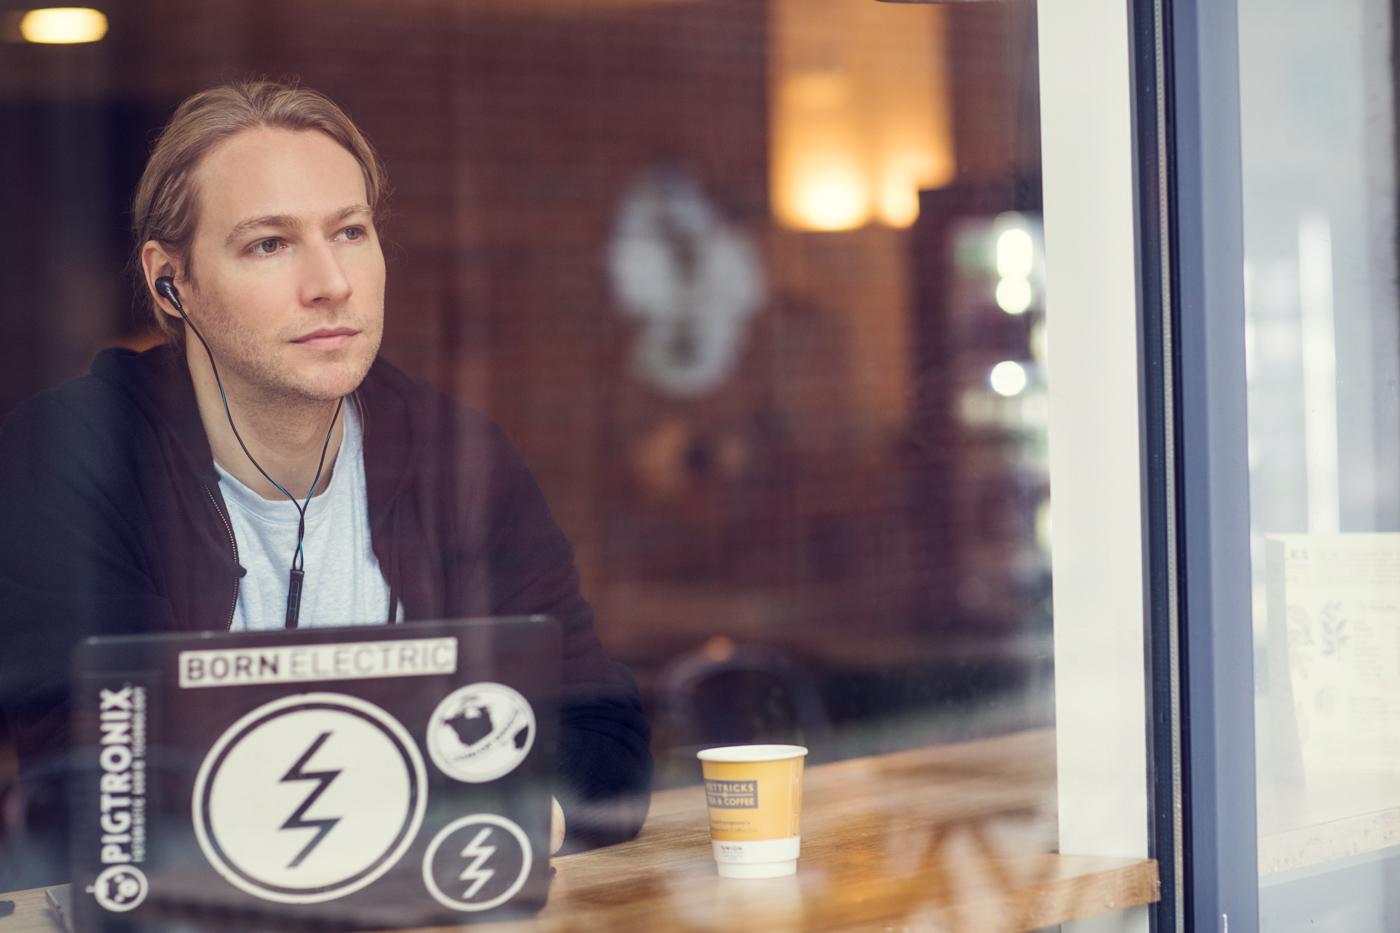 James Zabiela - DJ Mag Article